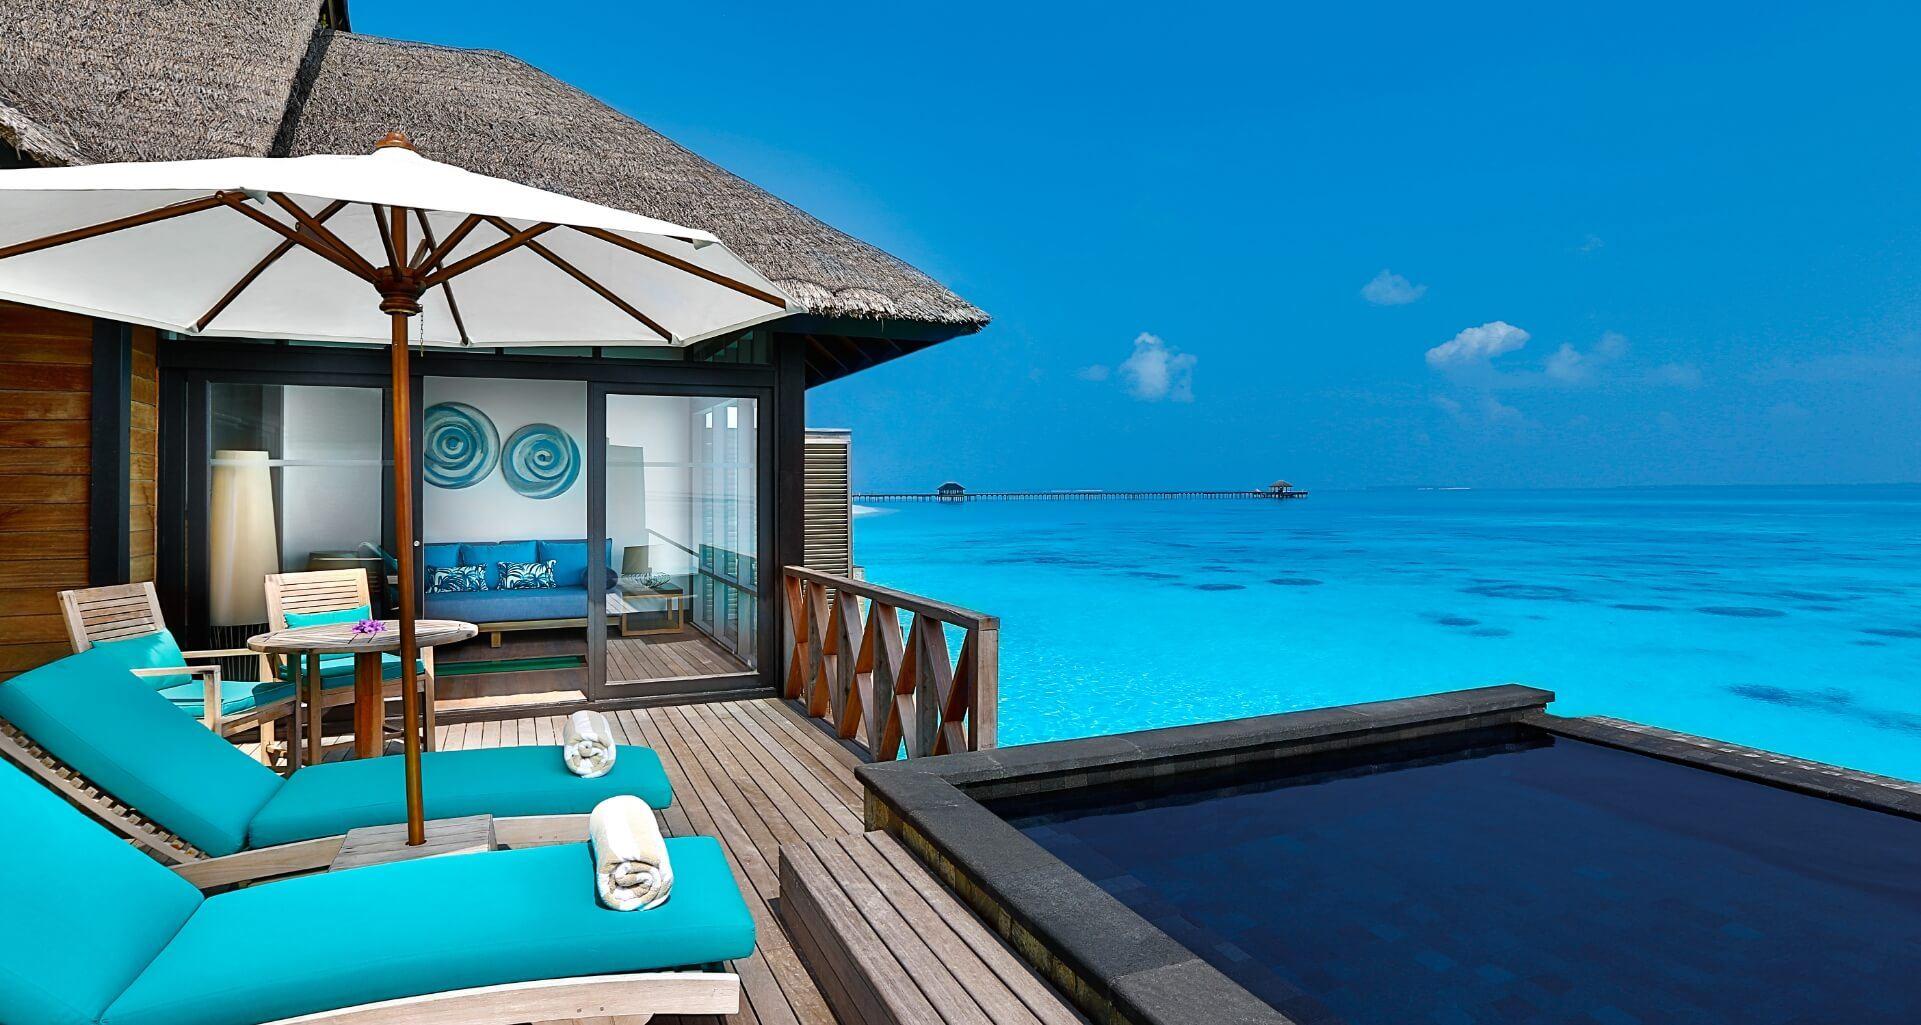 JA-Manafaru-Sunrise--Water-Villa-with-Infinity-pool-1.jpg